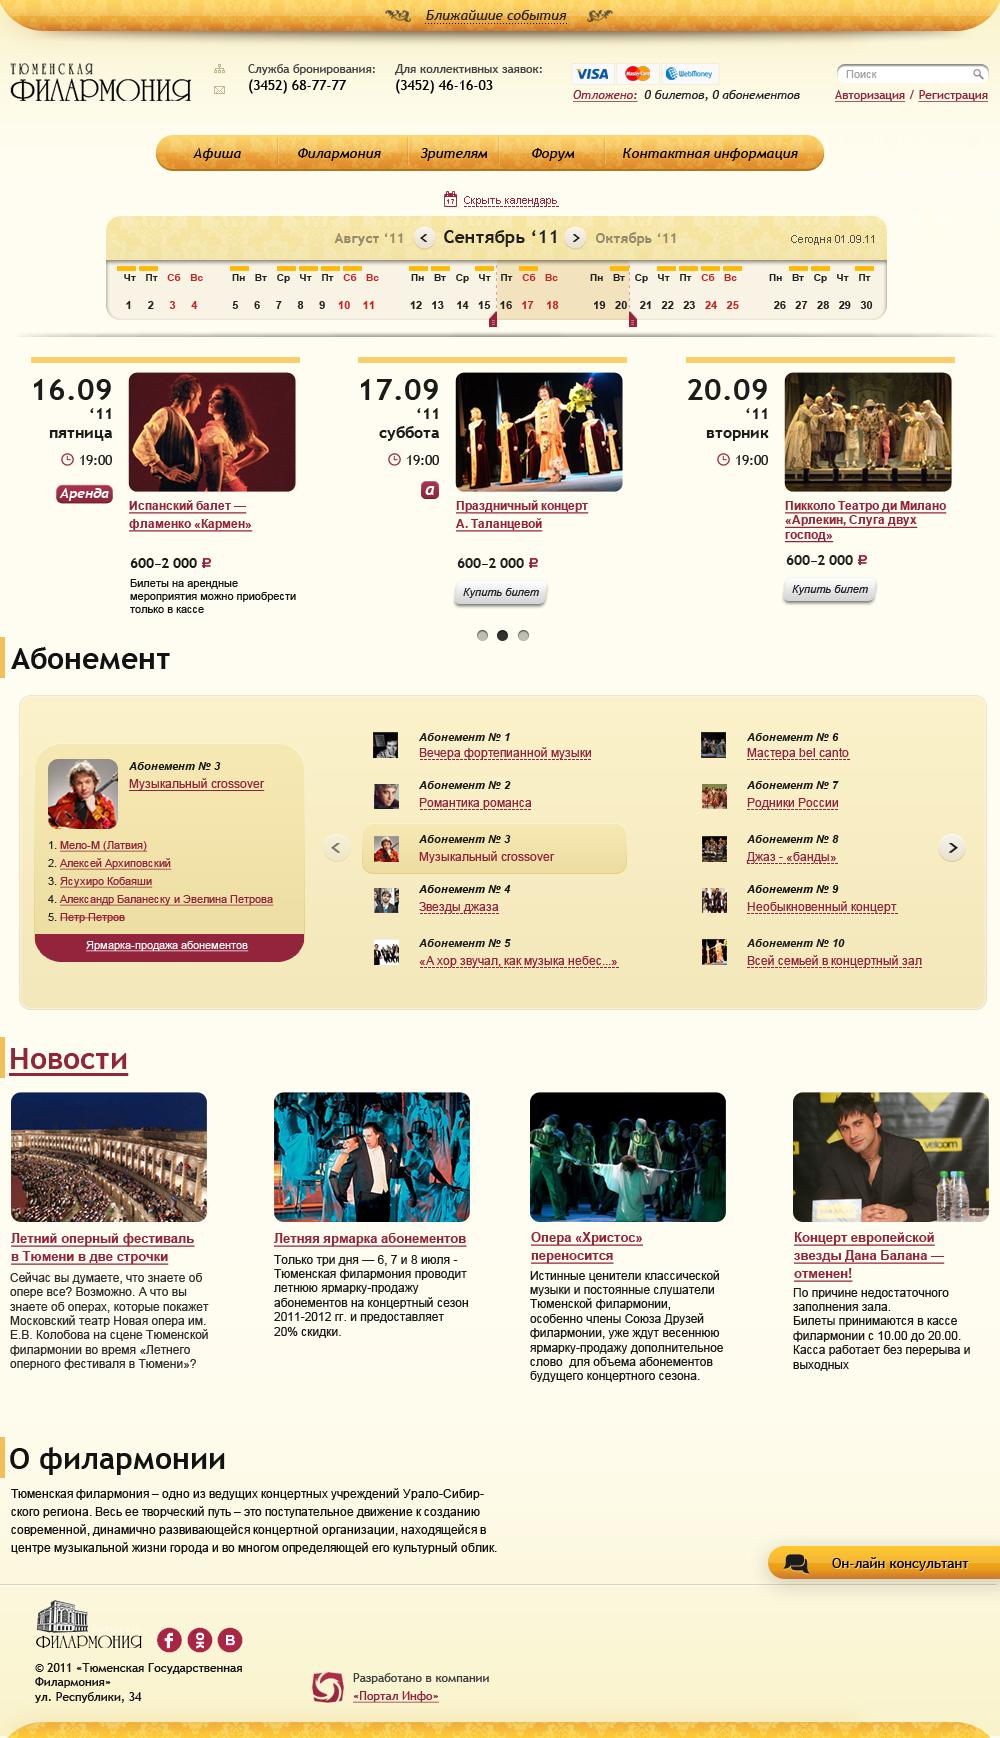 Главная страница для «Тюменской государственной филармонии»